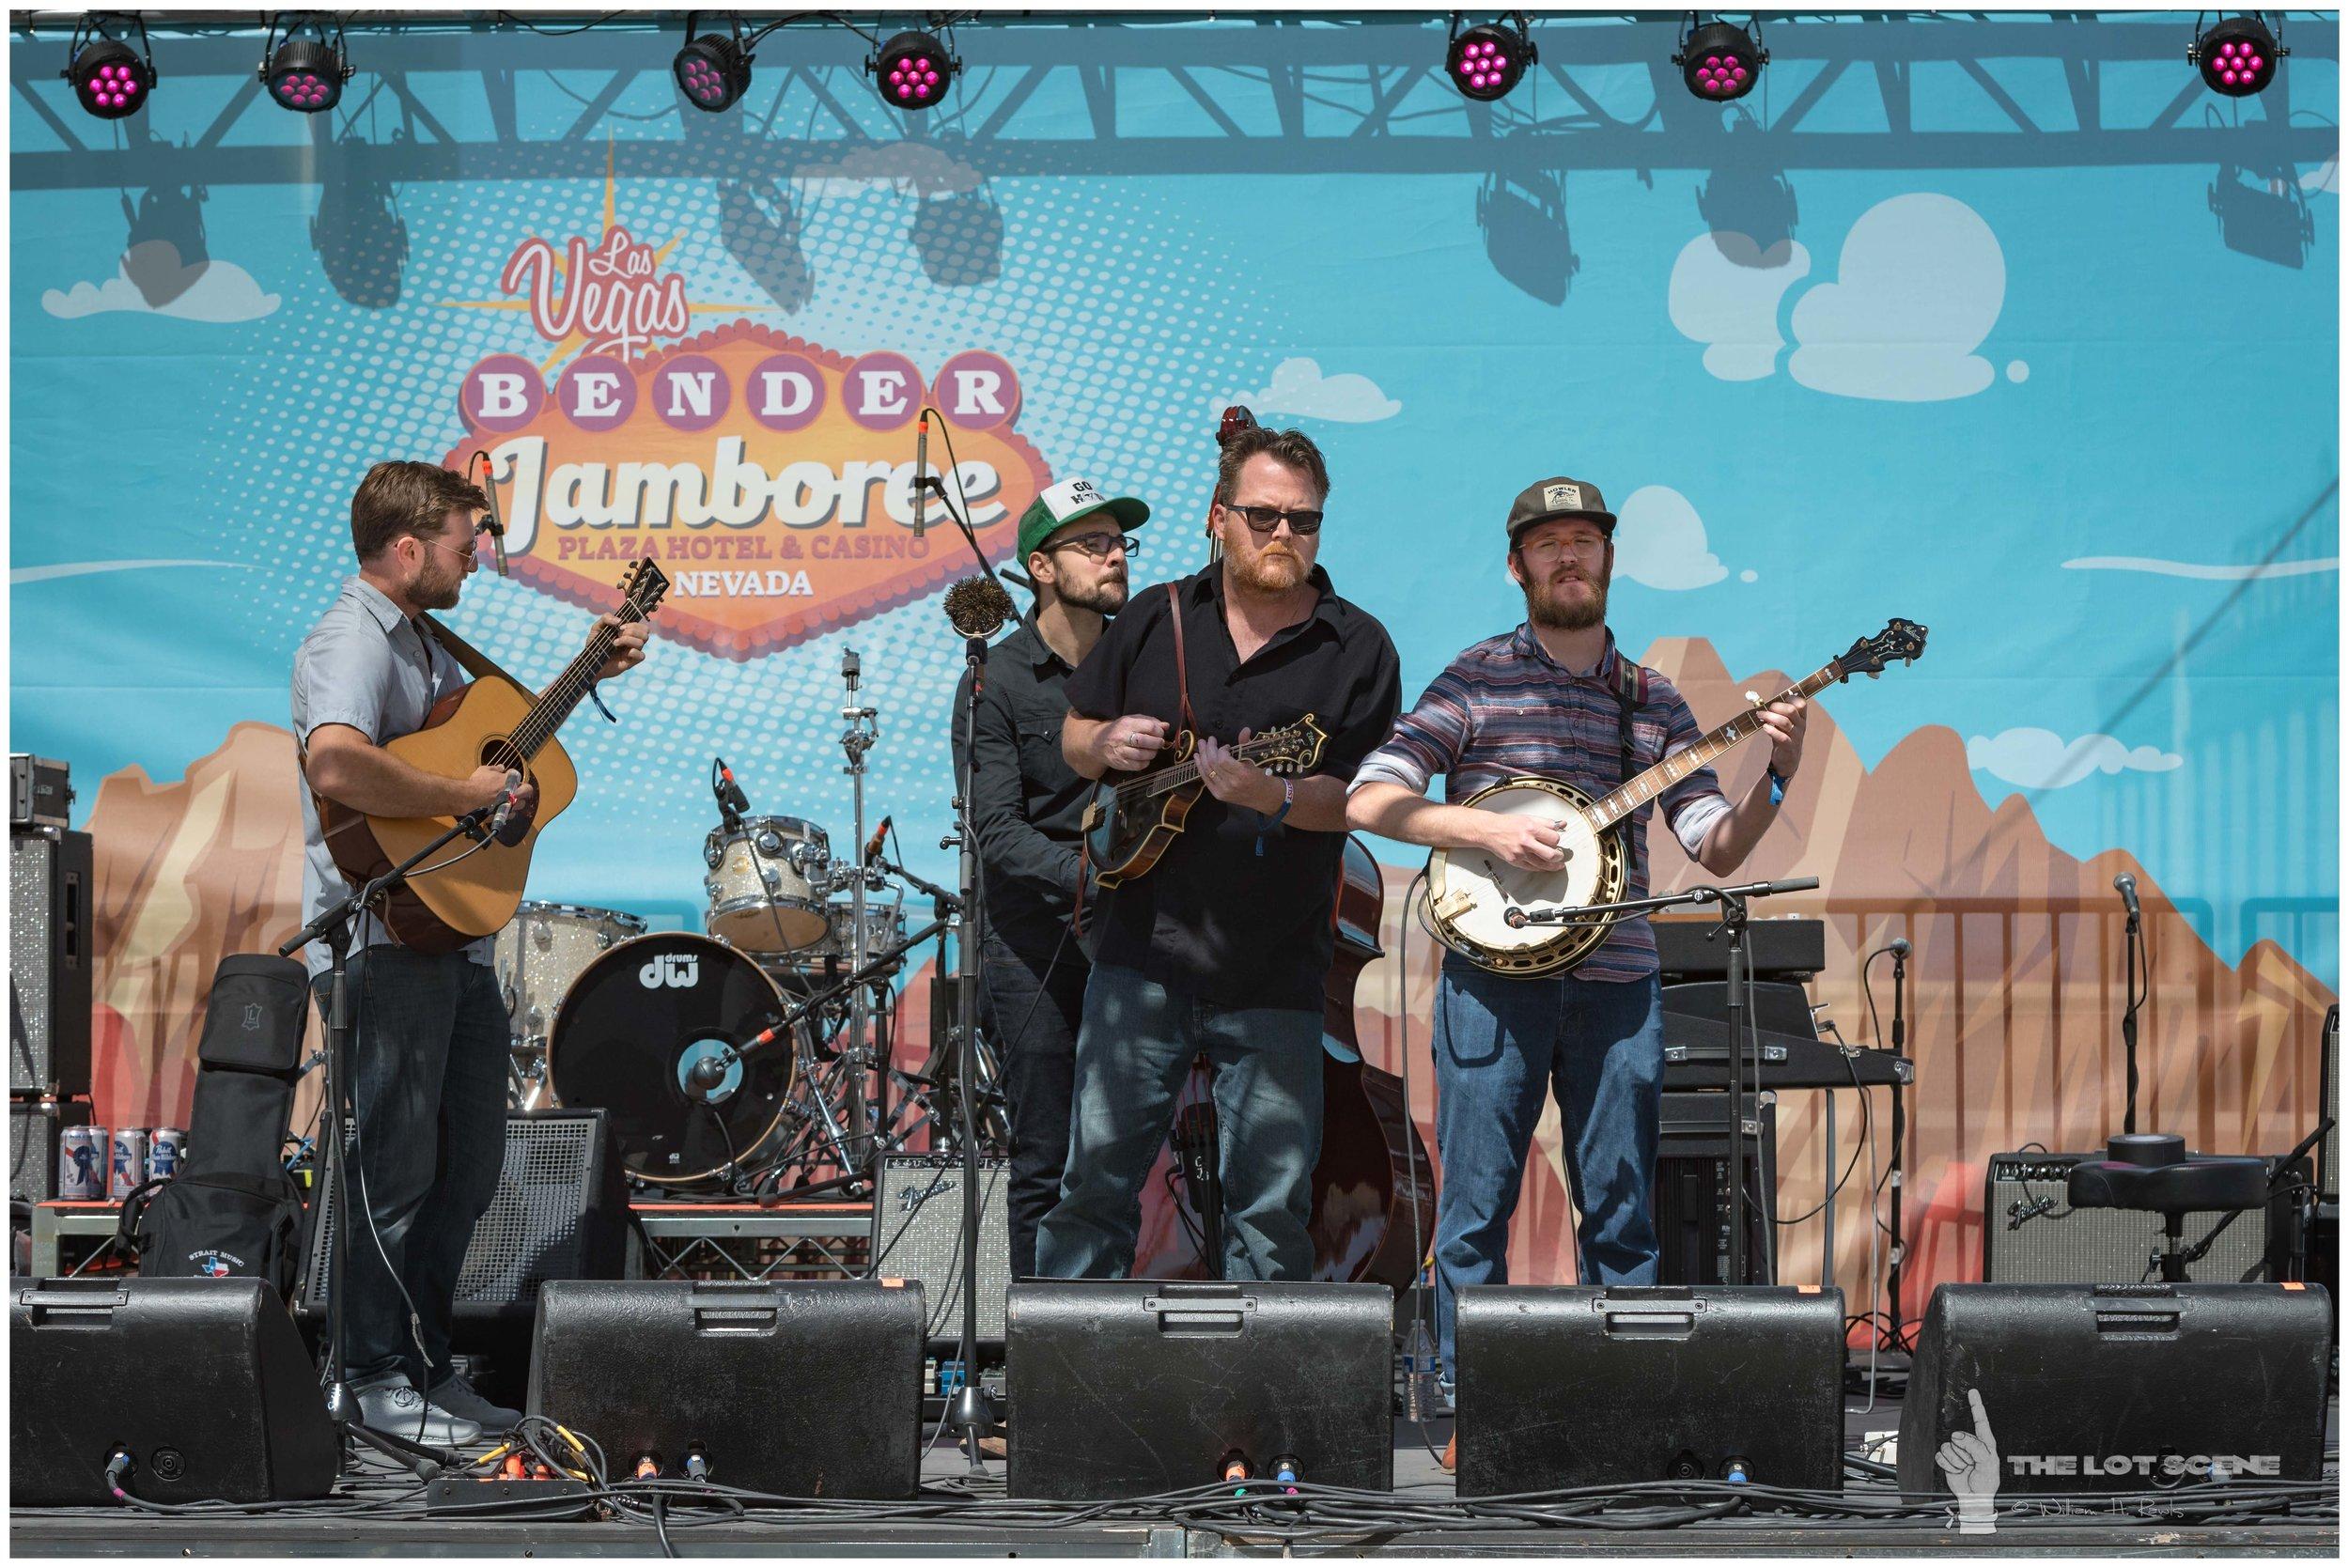 Bender Jamboree 2018 - Wood and Wire - 1.jpg